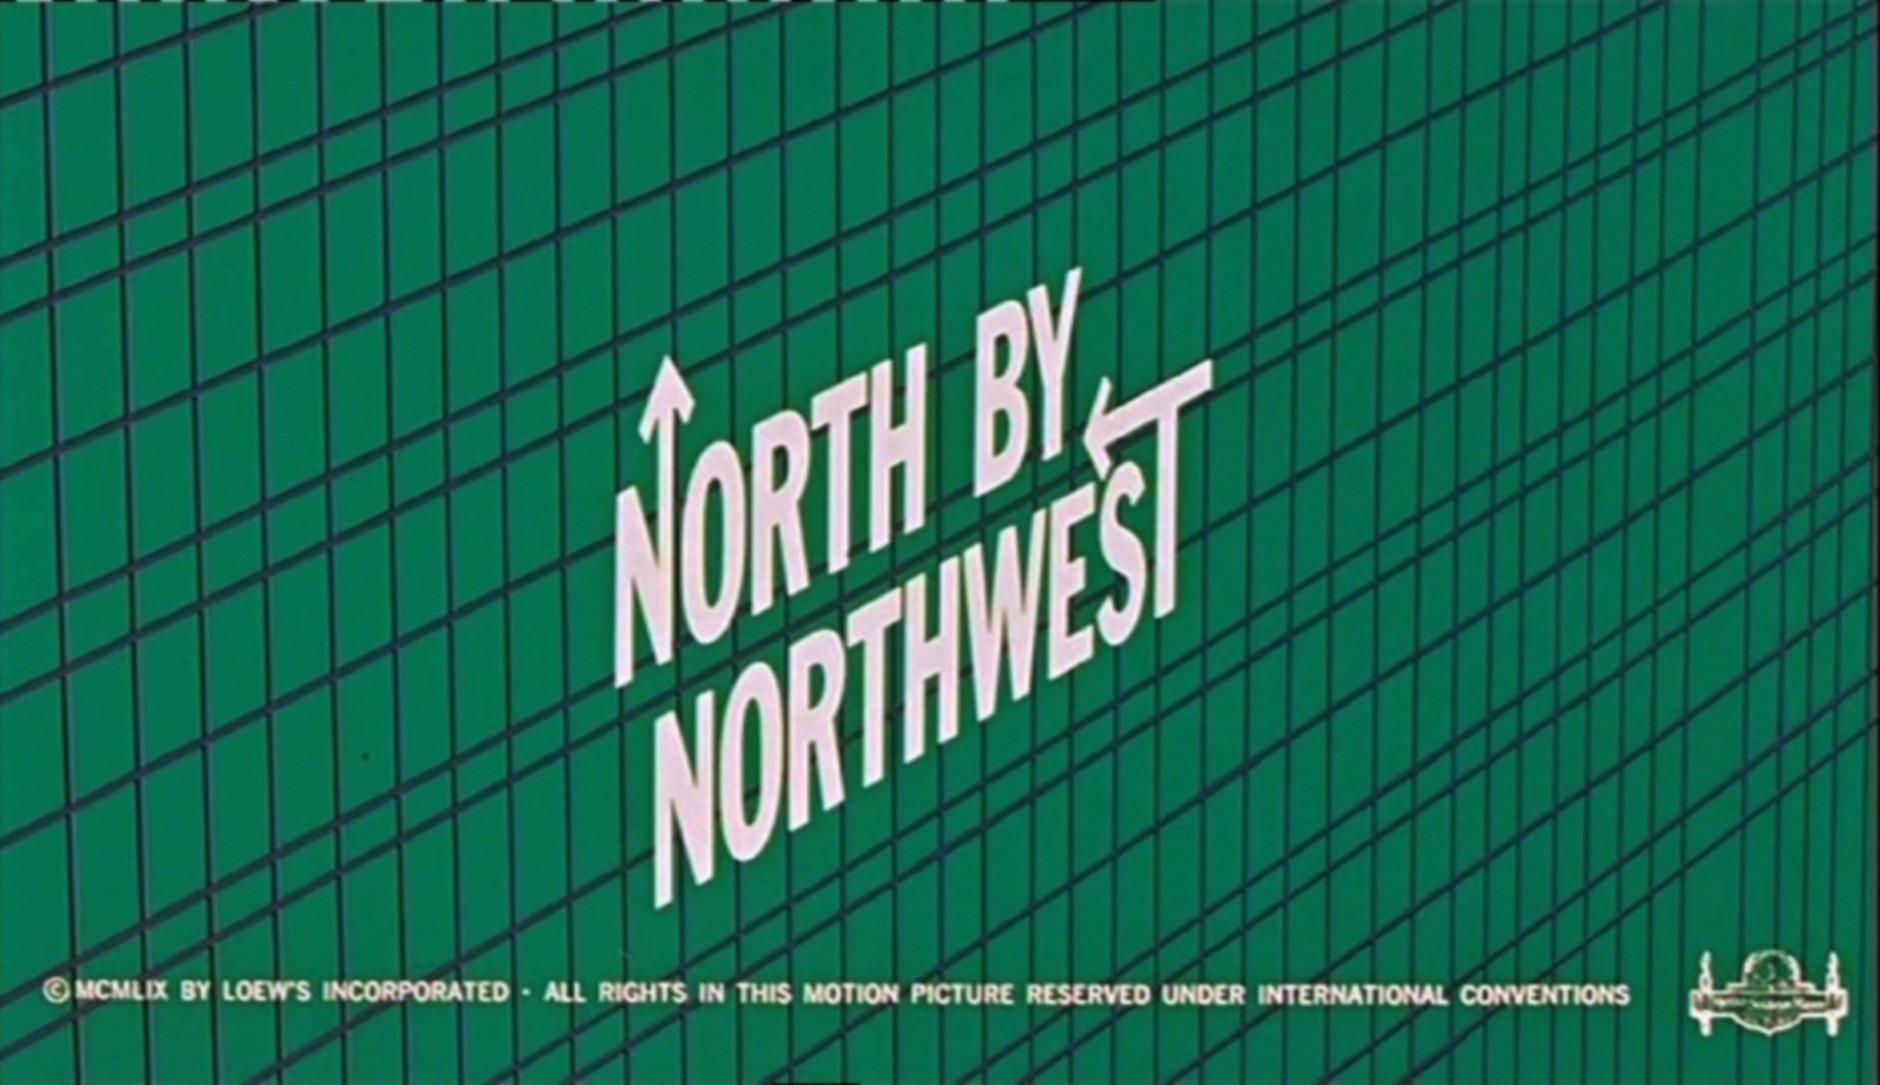 Bewegte Schrift | Saul Bass, North by Northwest, Filmbild aus der Titelsequenz, 1959 © Metro-Goldwyn-Mayer